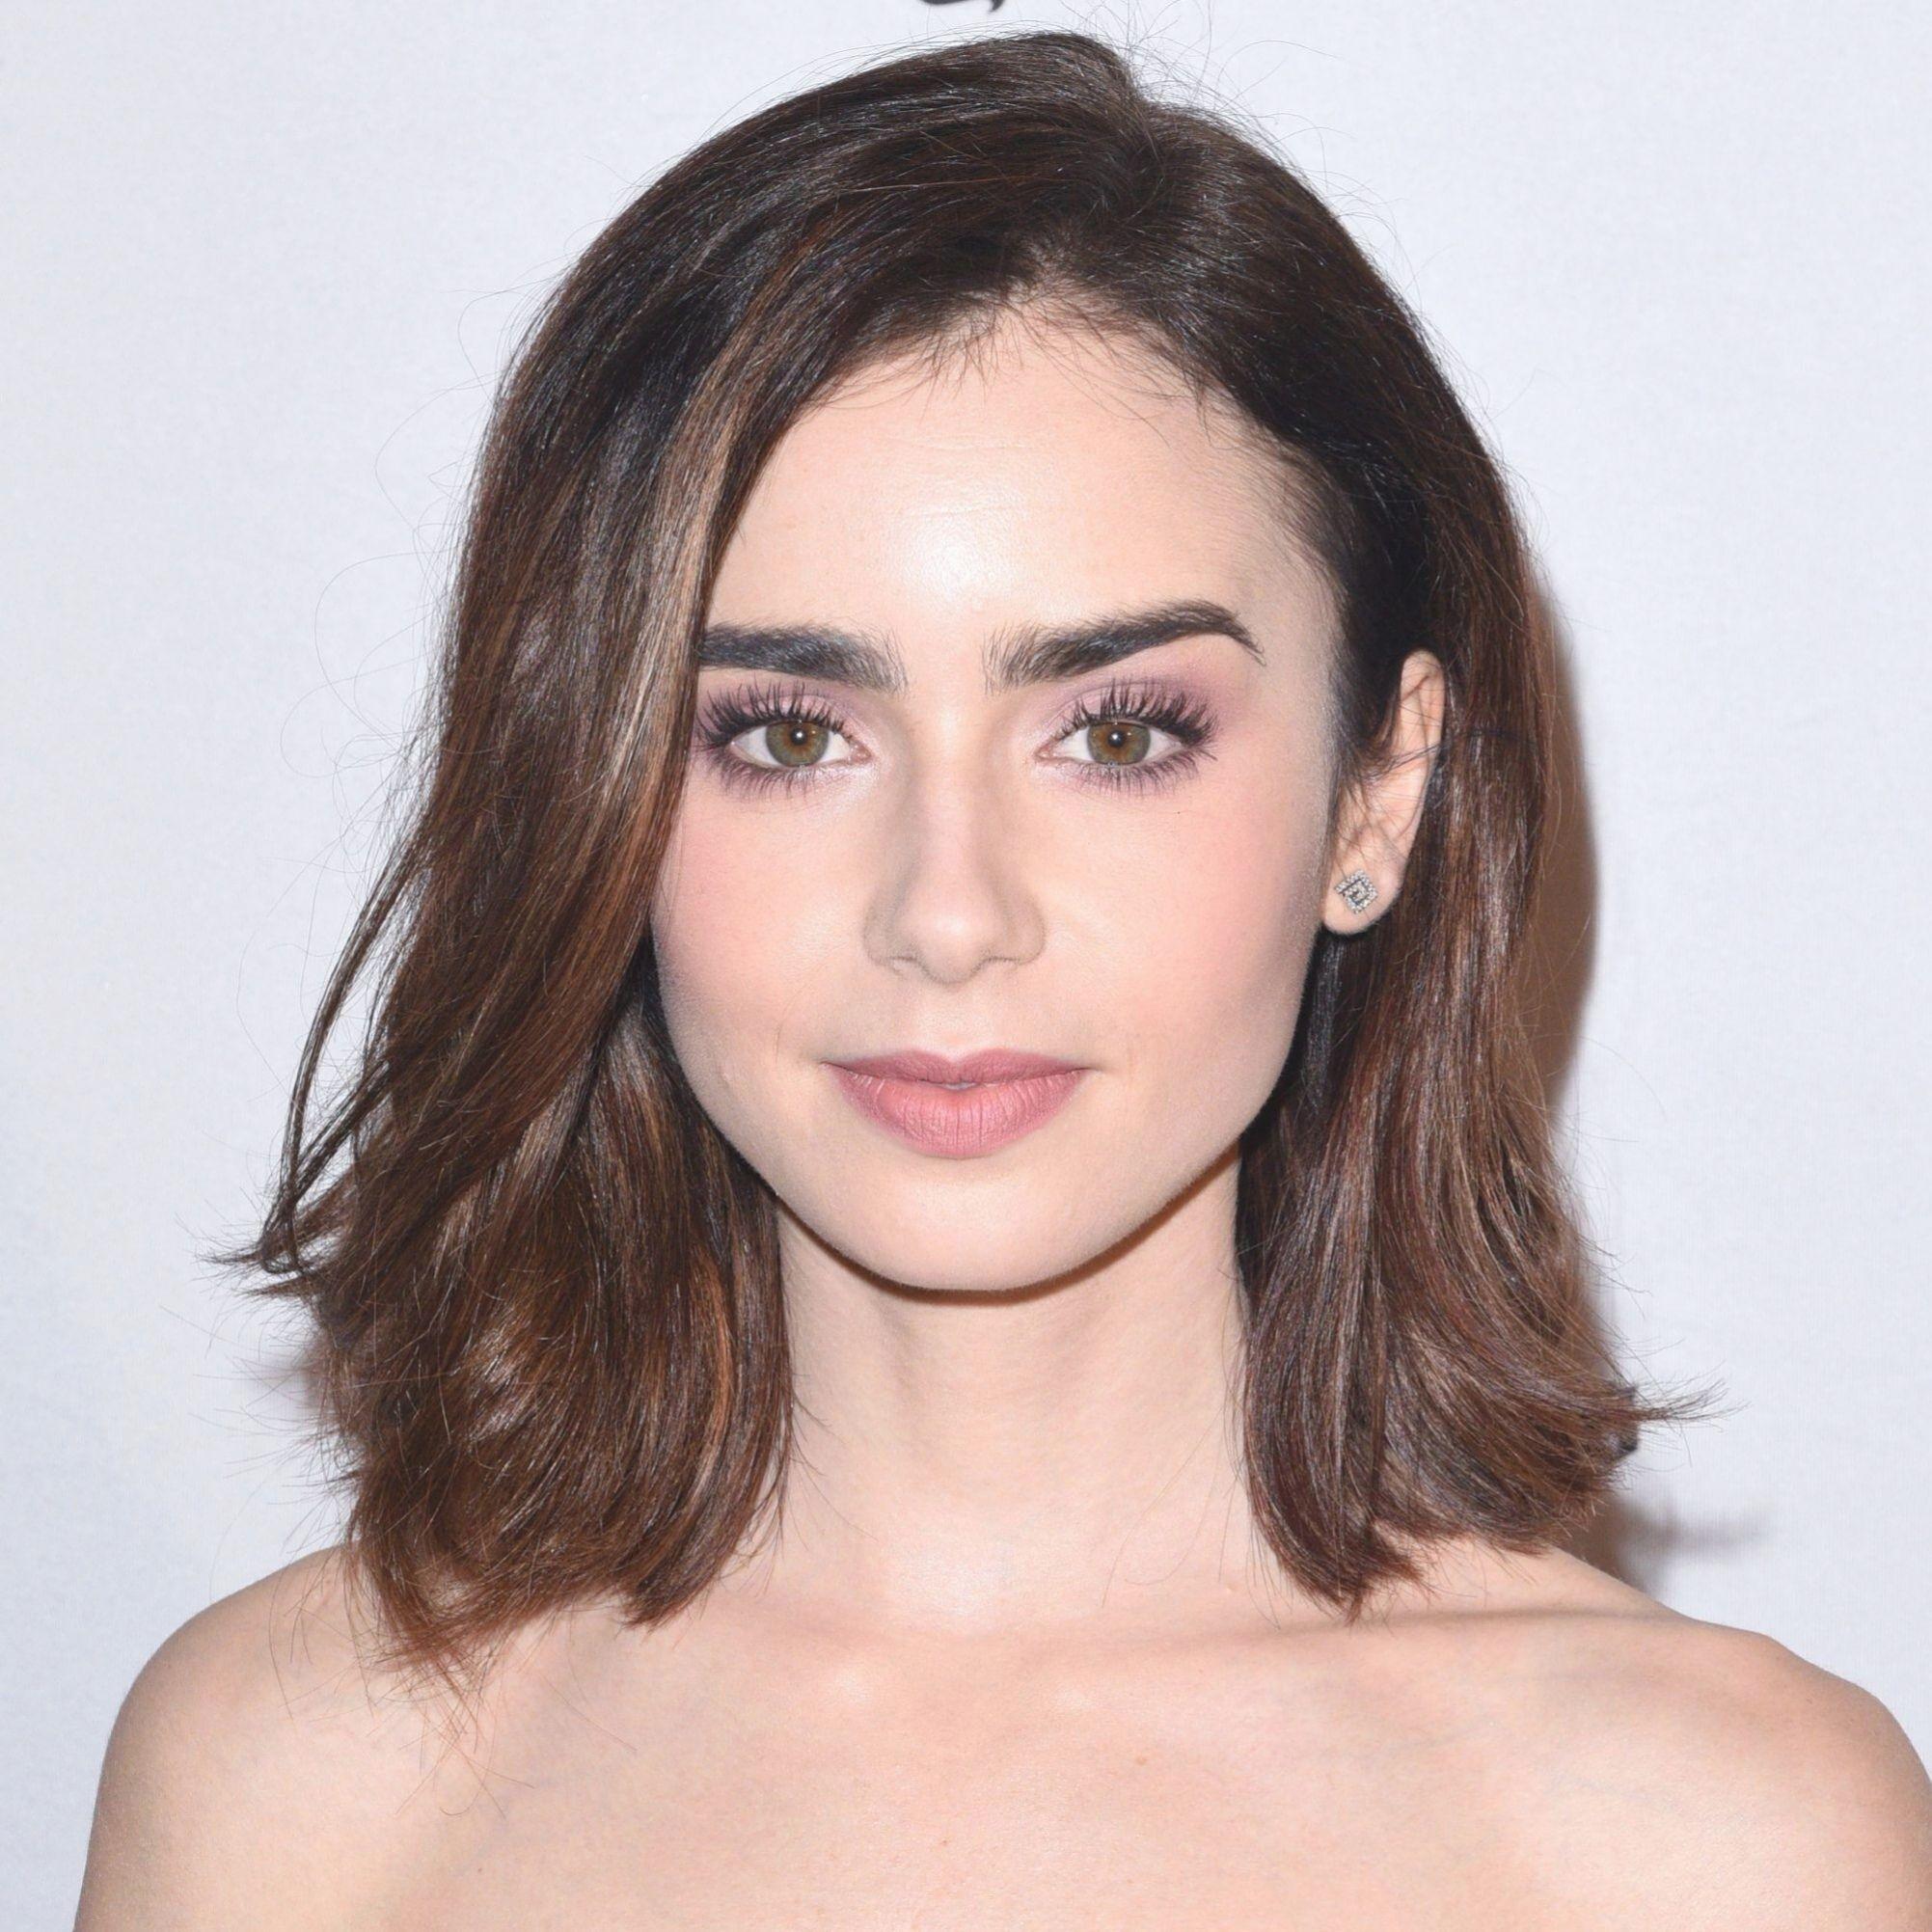 Die Drei Schmeichelhafte Haarschnitte Die Herzformige Gesichter Sollten Immer Auf In 2020 Frisur Gesichtsform Herzformiges Gesicht Frisuren Haarschnitt Rundes Gesicht